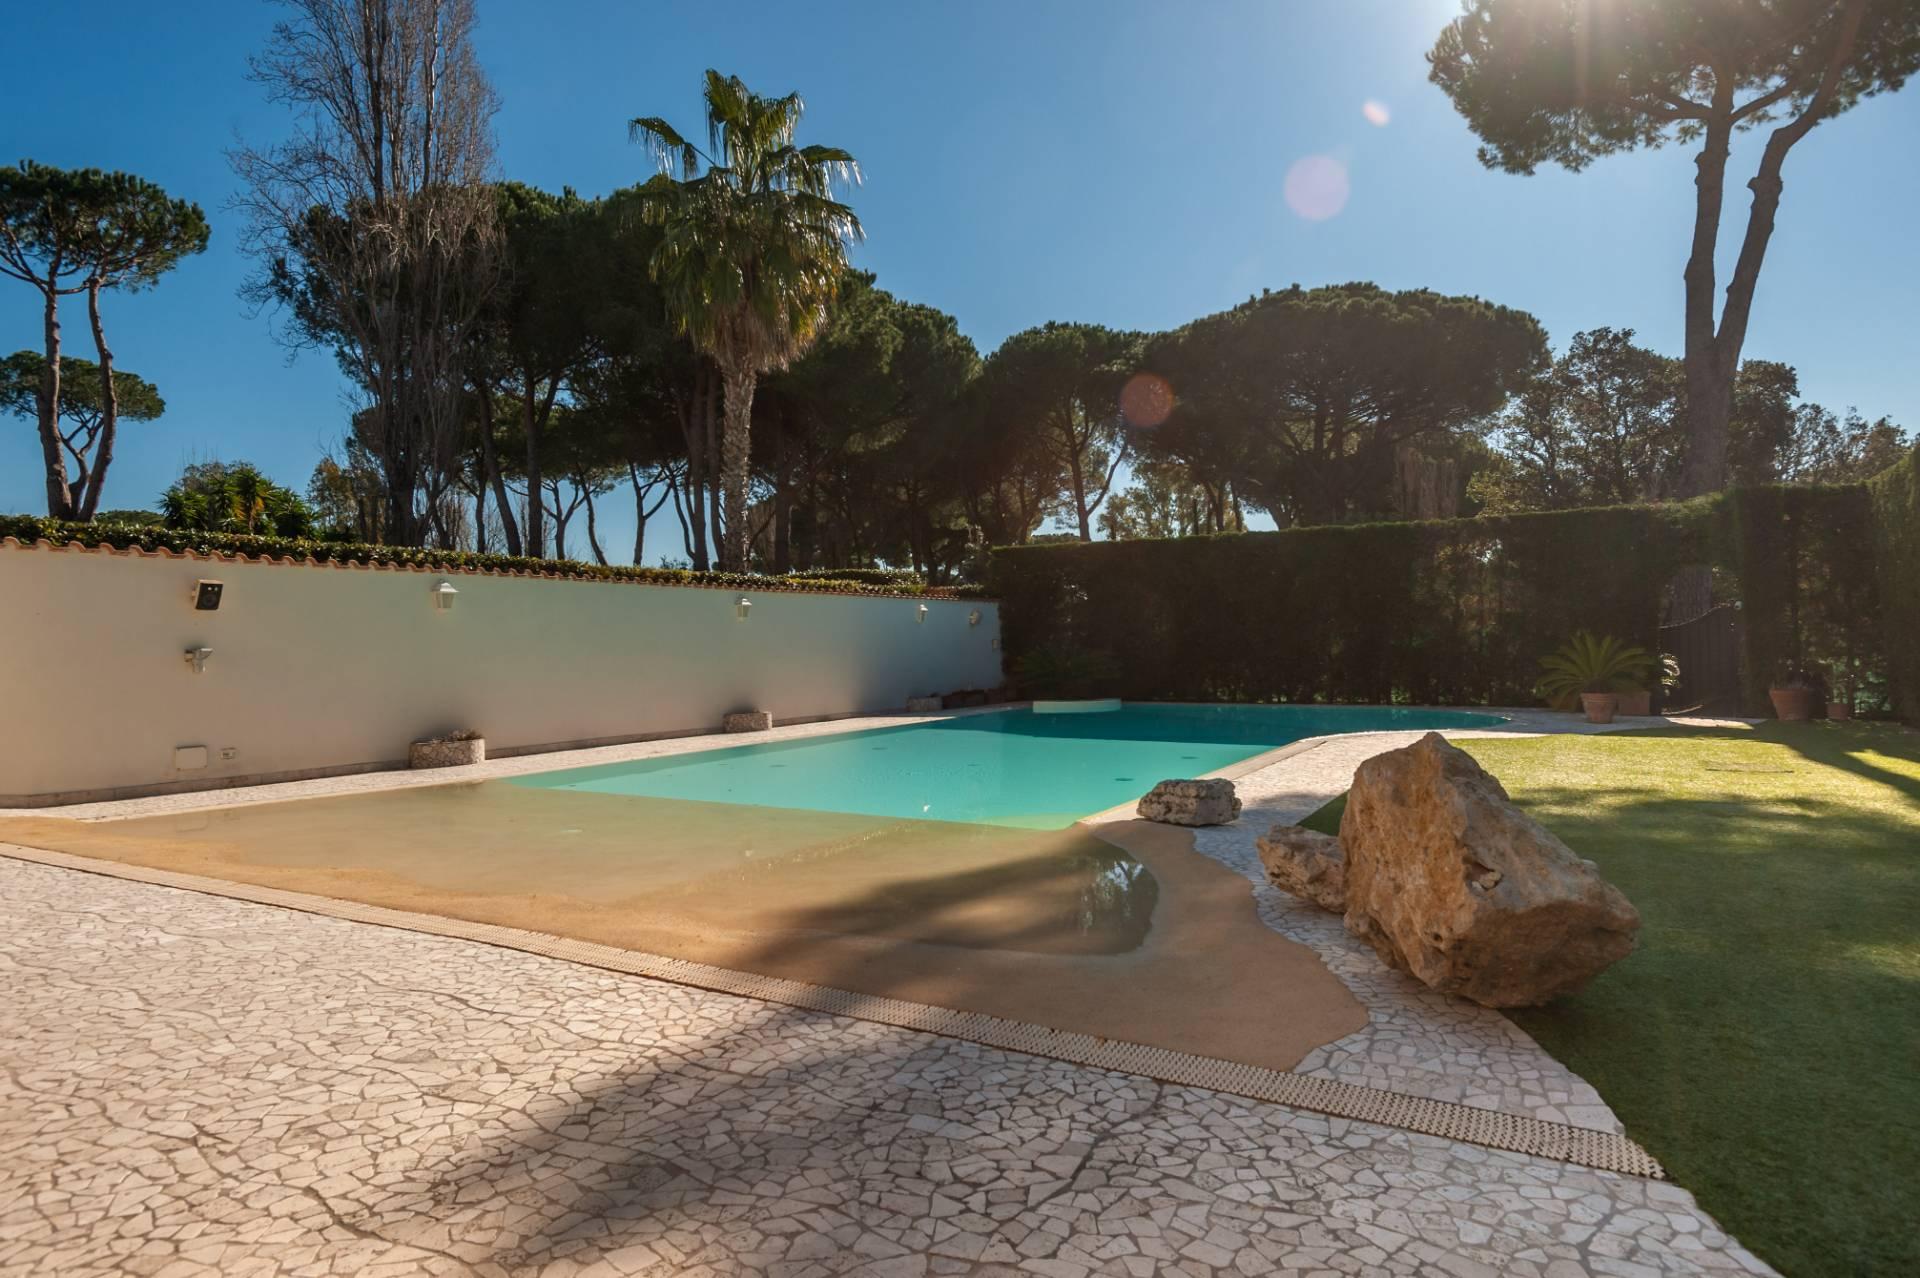 Villa in Vendita a Roma: 5 locali, 324 mq - Foto 25